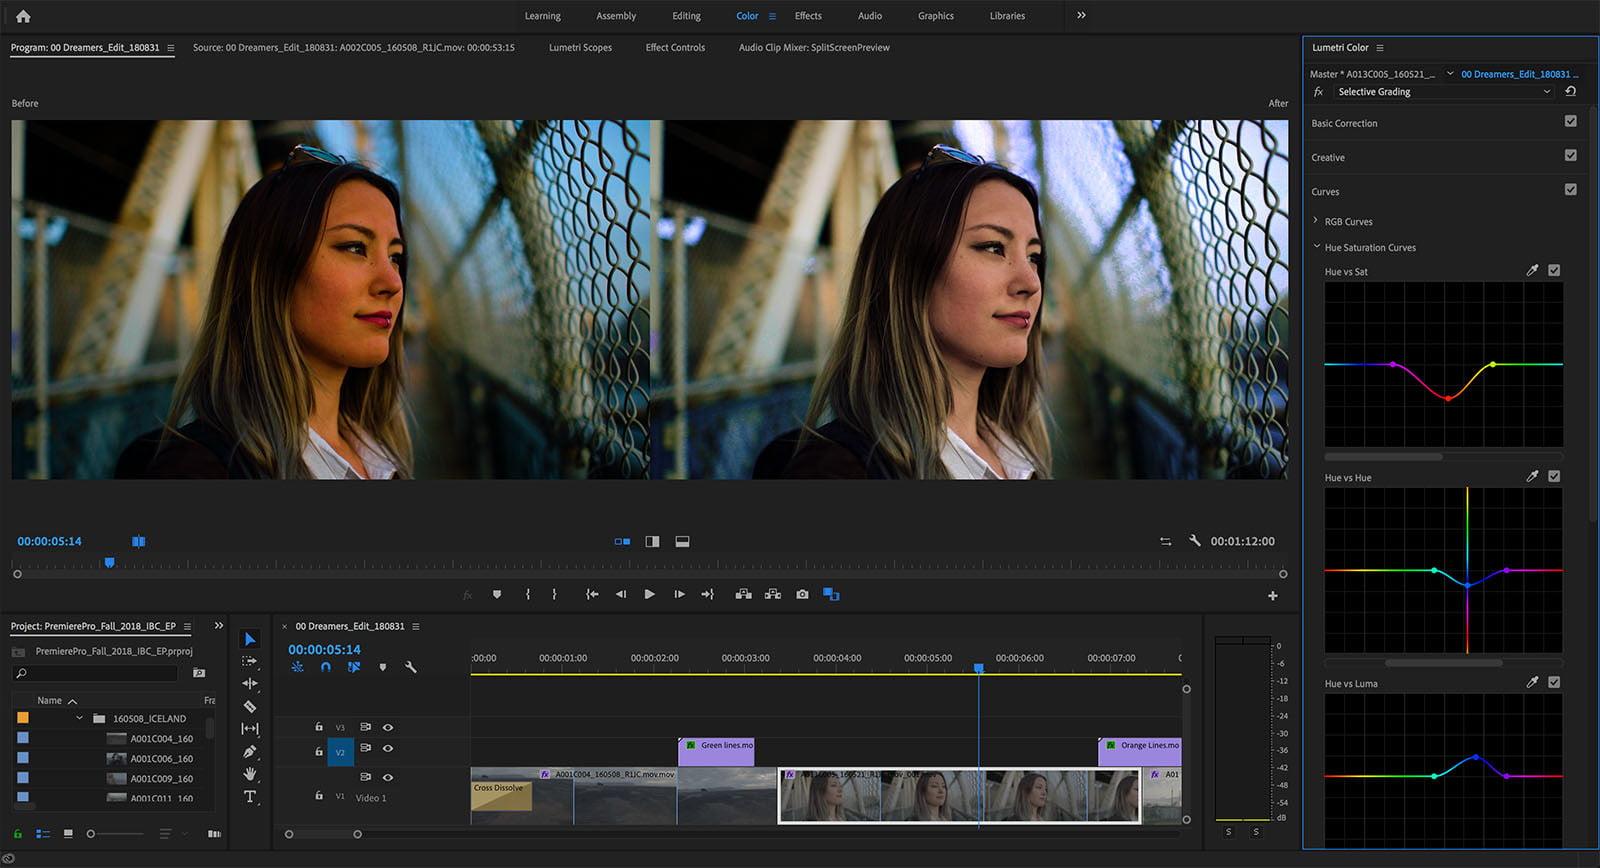 Adobe Premiere Pro 14.0.3 Crack